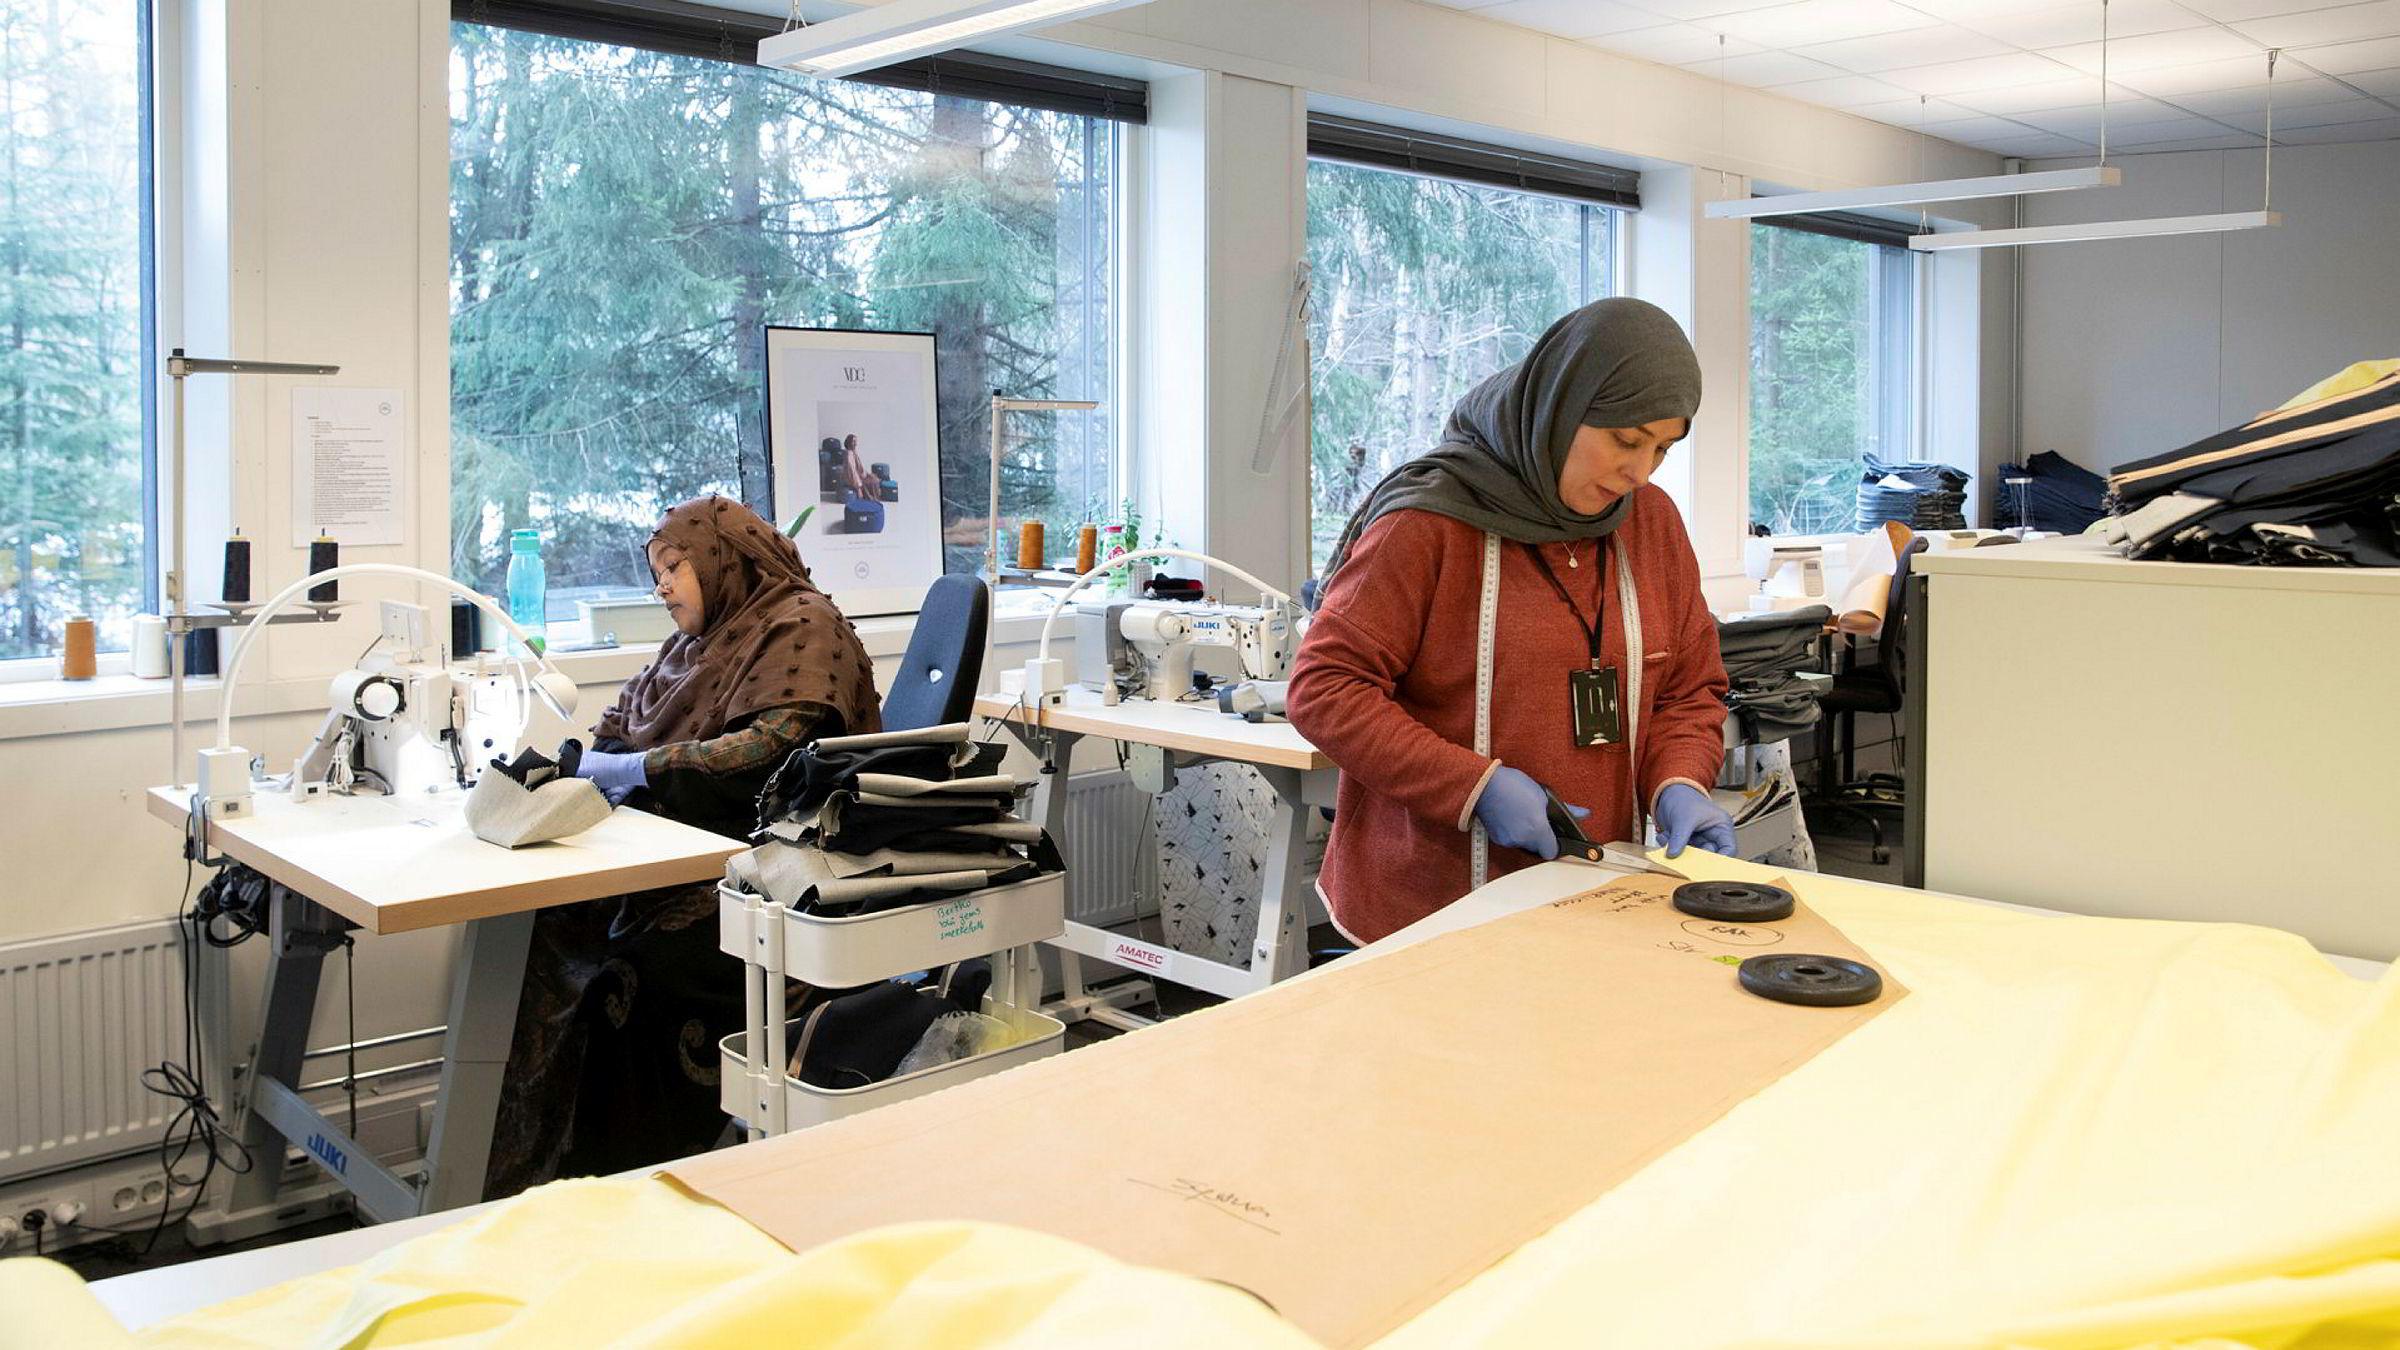 Hodan Jama Farrah (i bakgrunnen) syr og Fatima Malala klipper til bomullsstoff til en smittervernsfrakk på bedriften Sisters in Business i Asker. Sisters in Business er et sosialt entreprenørskap som rekrutterer og sysselsetter innvandrerkvinner.